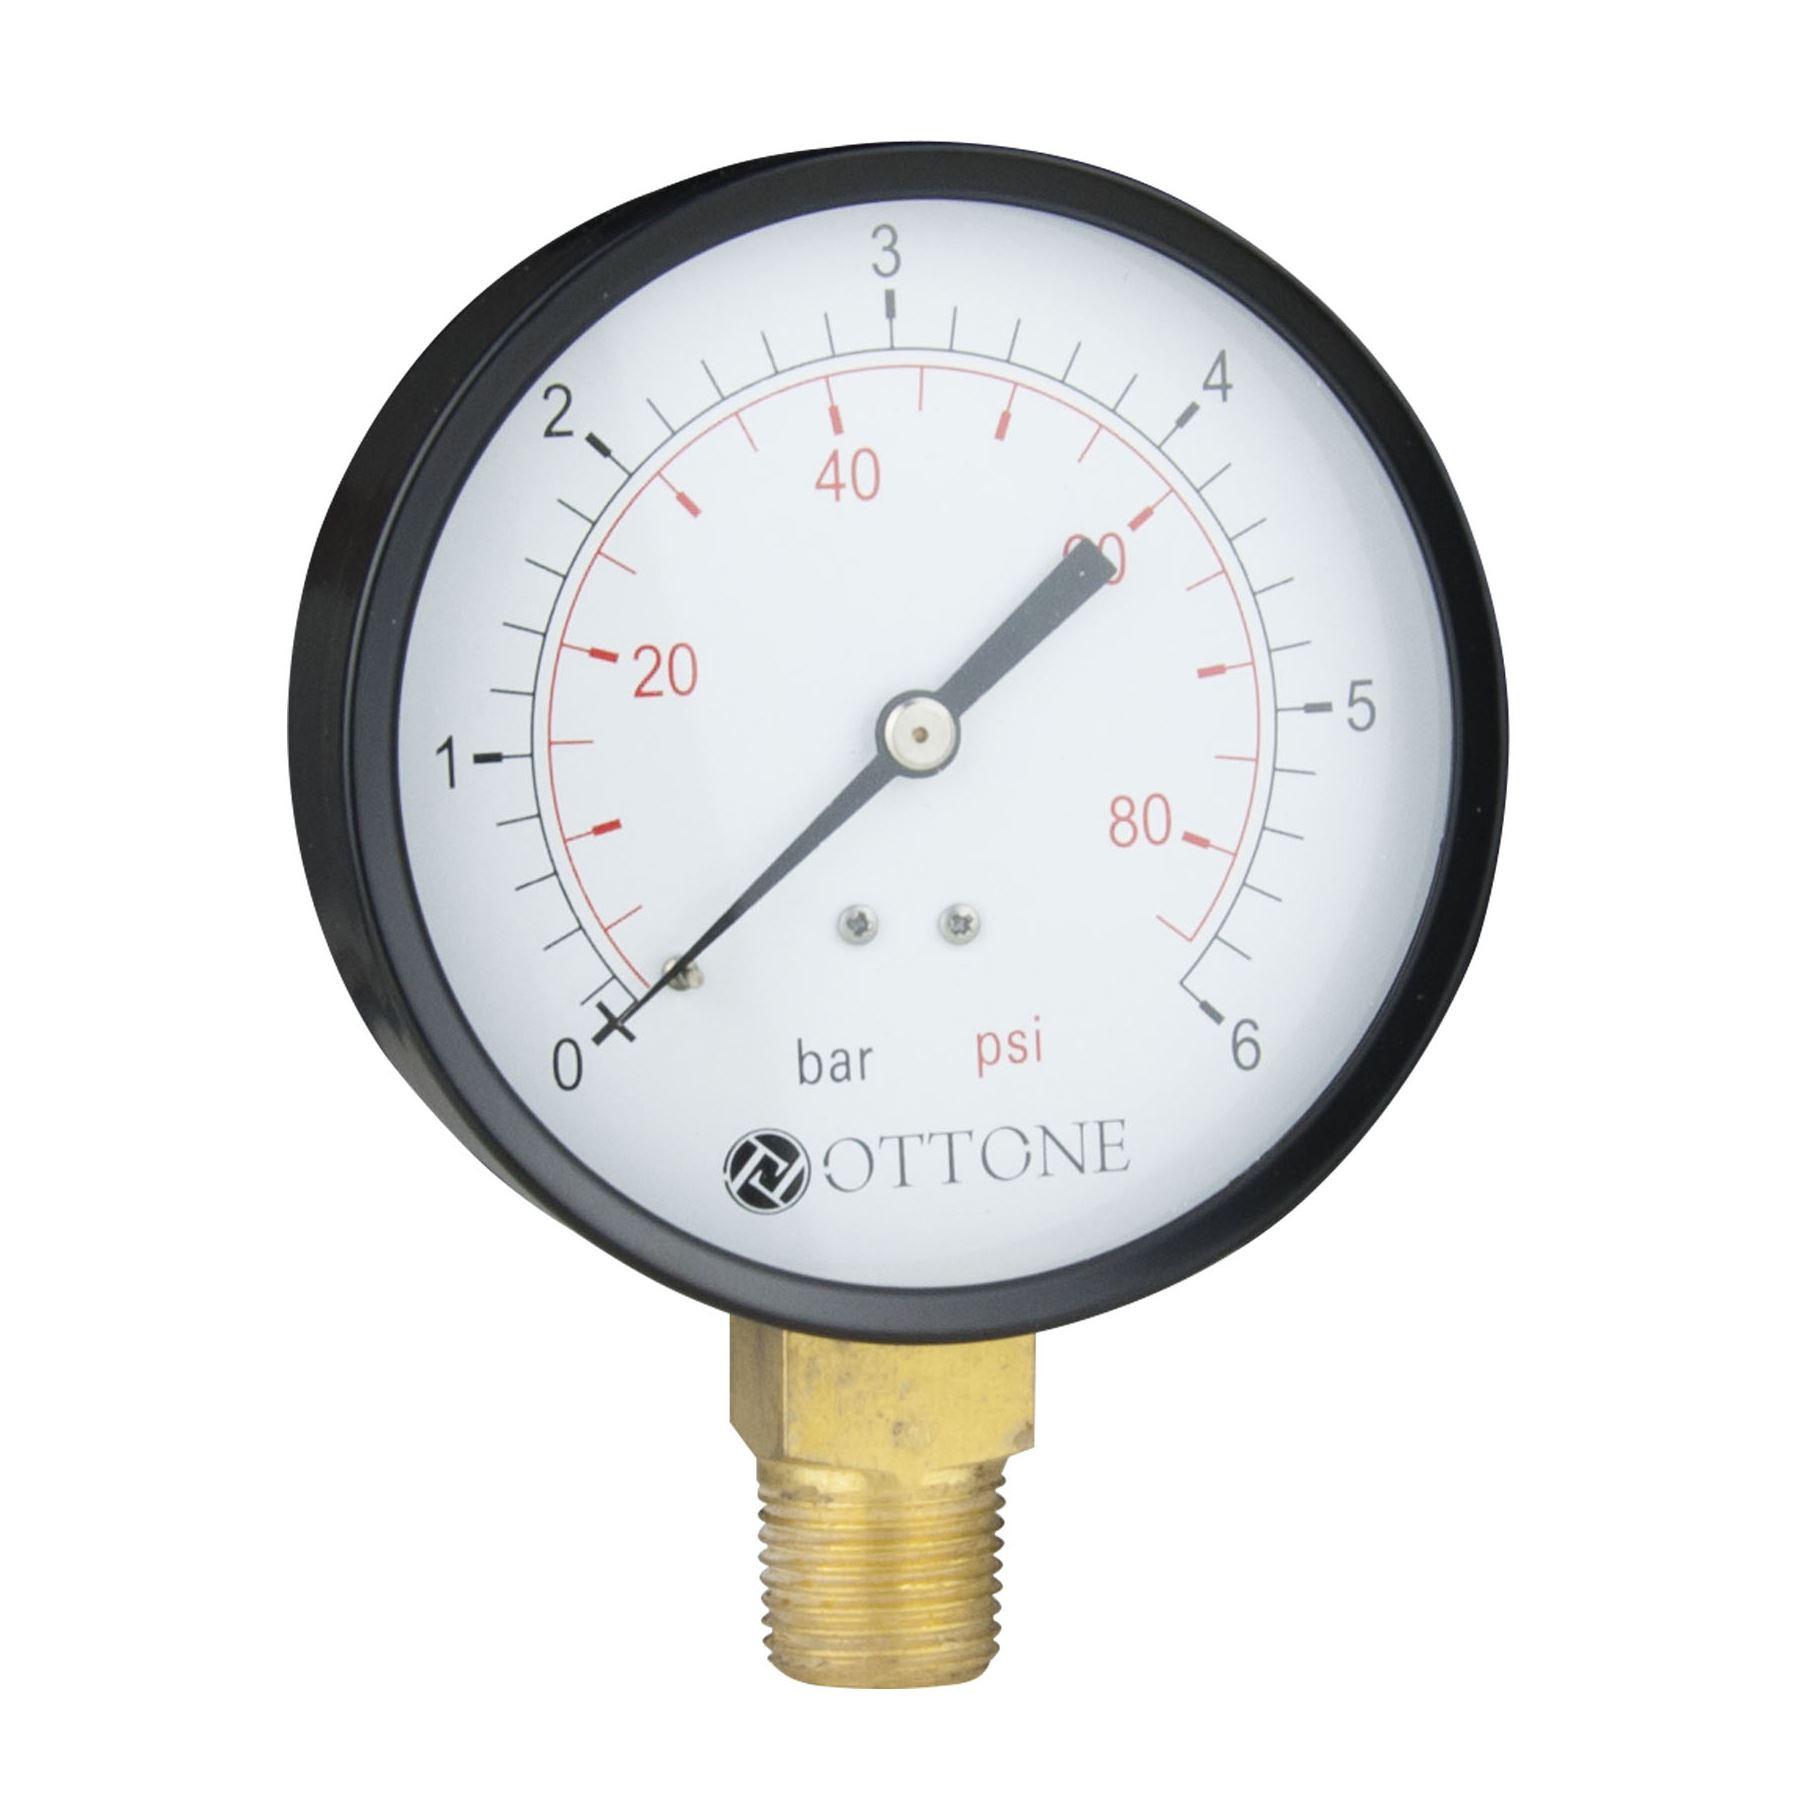 100mm 0 10 bar pressure gauge air oil water meter 1 2 bspt side entry manometer ebay. Black Bedroom Furniture Sets. Home Design Ideas